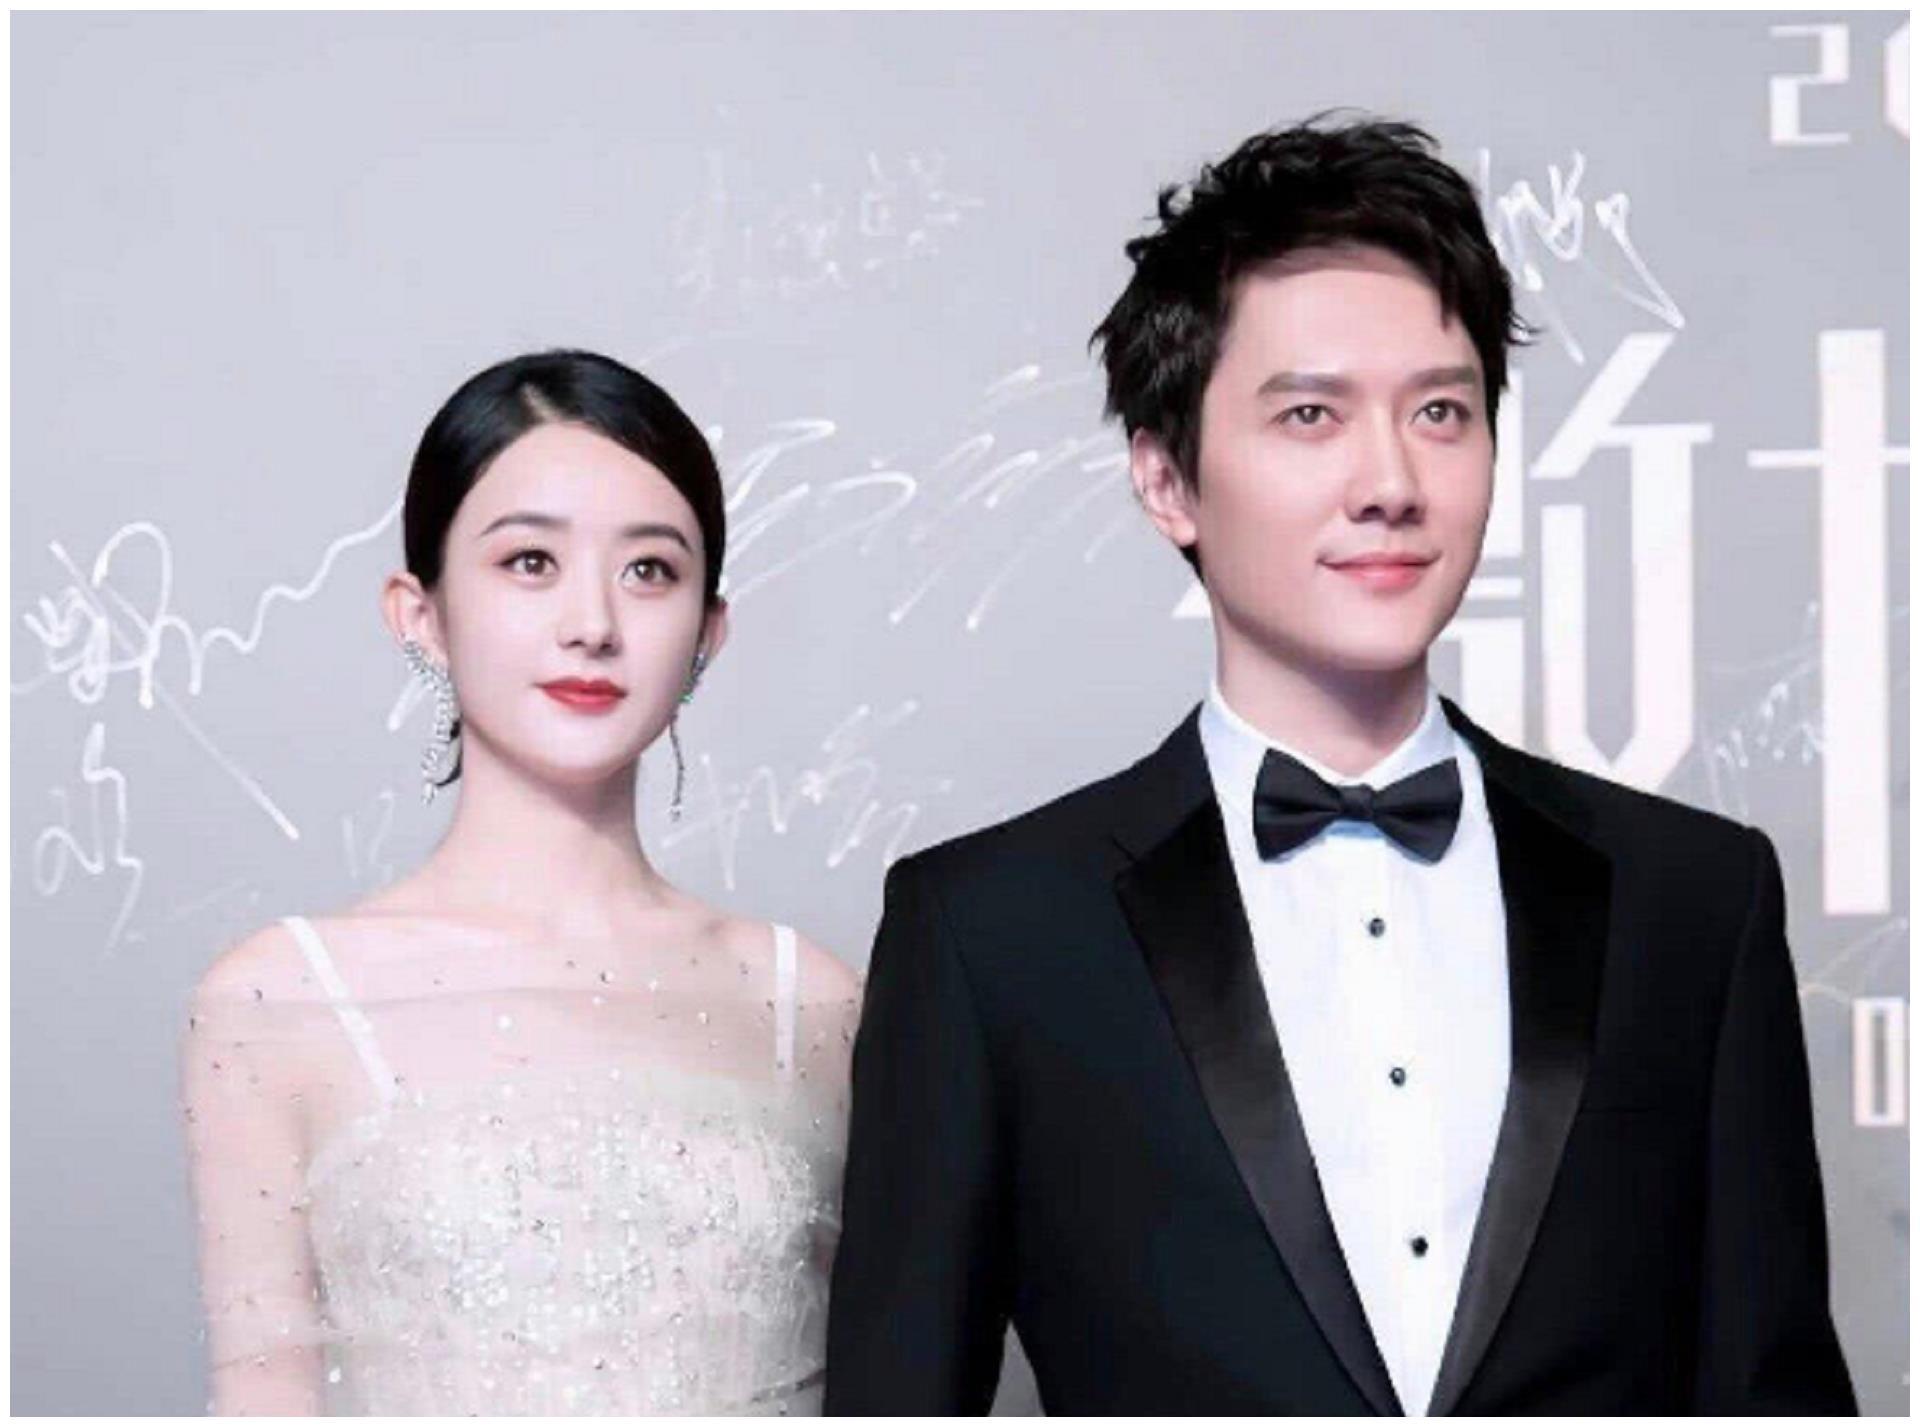 疑似冯绍峰走出离婚阴霾,与海清现身上海拍戏,有说有笑状态极佳